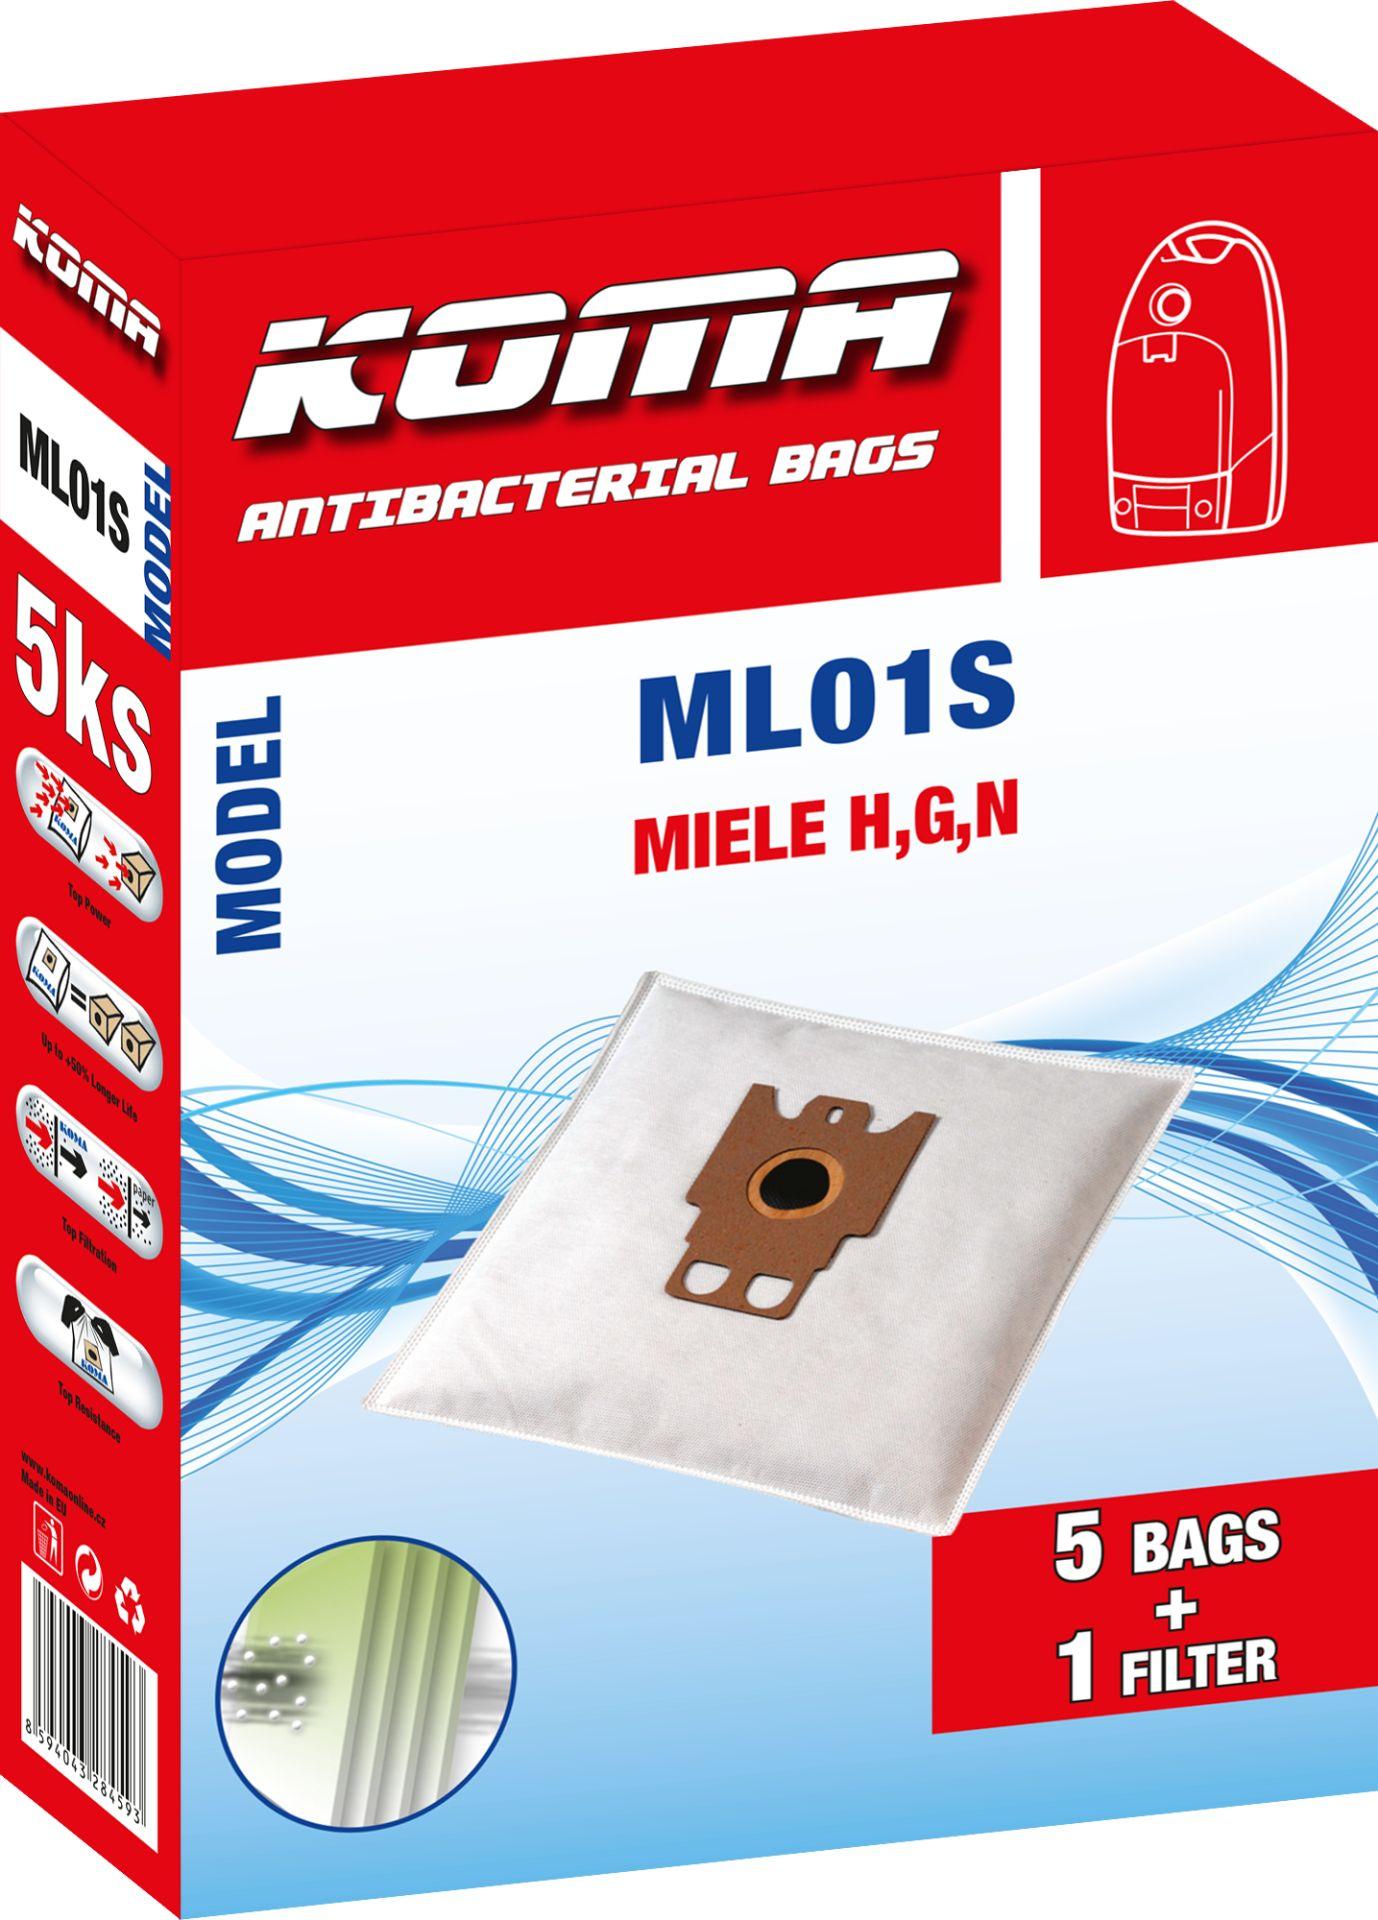 KOMA sáčky MIELE H,G,N textilní 5 ks + 1 mikrofiltr